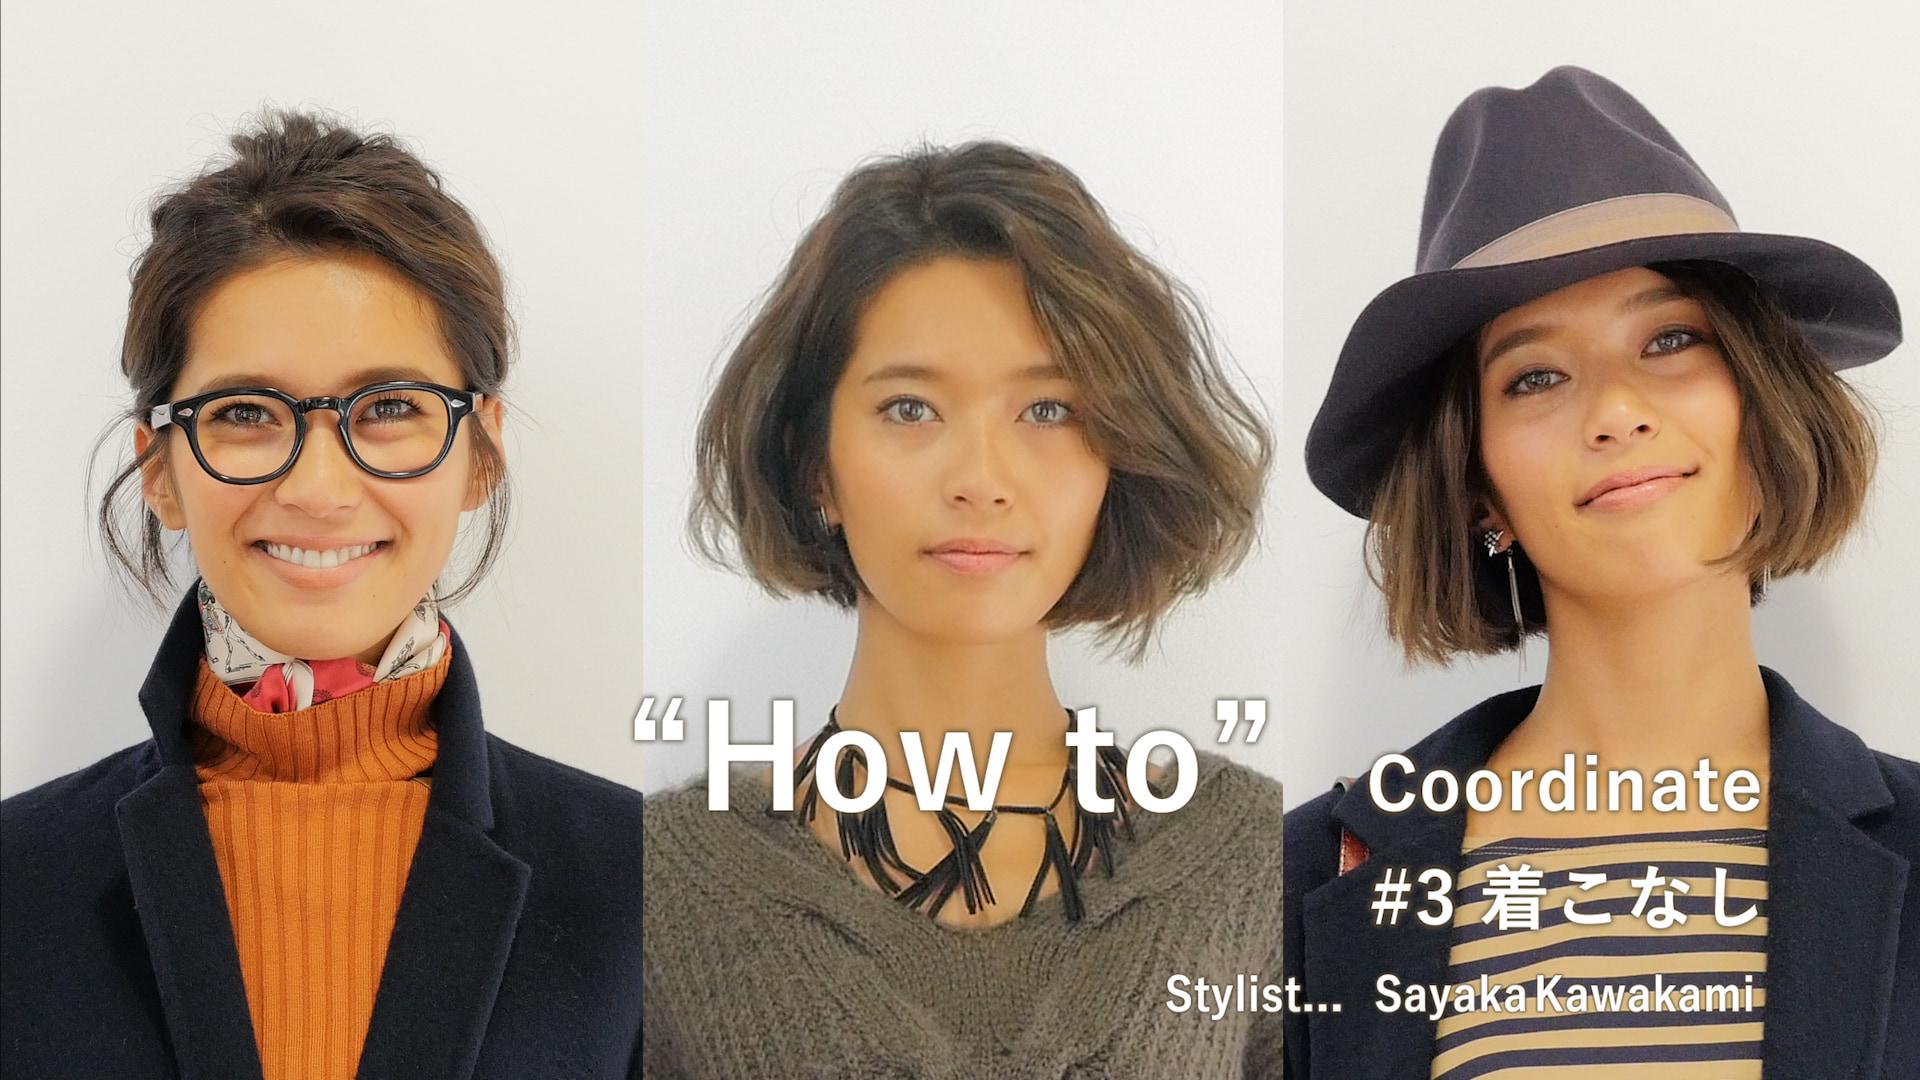 #3 スタイリスト直伝!「着やせ・着まわし・着こなし」でつくるパーフェクトSTYLE/HOW TO「着こなし」